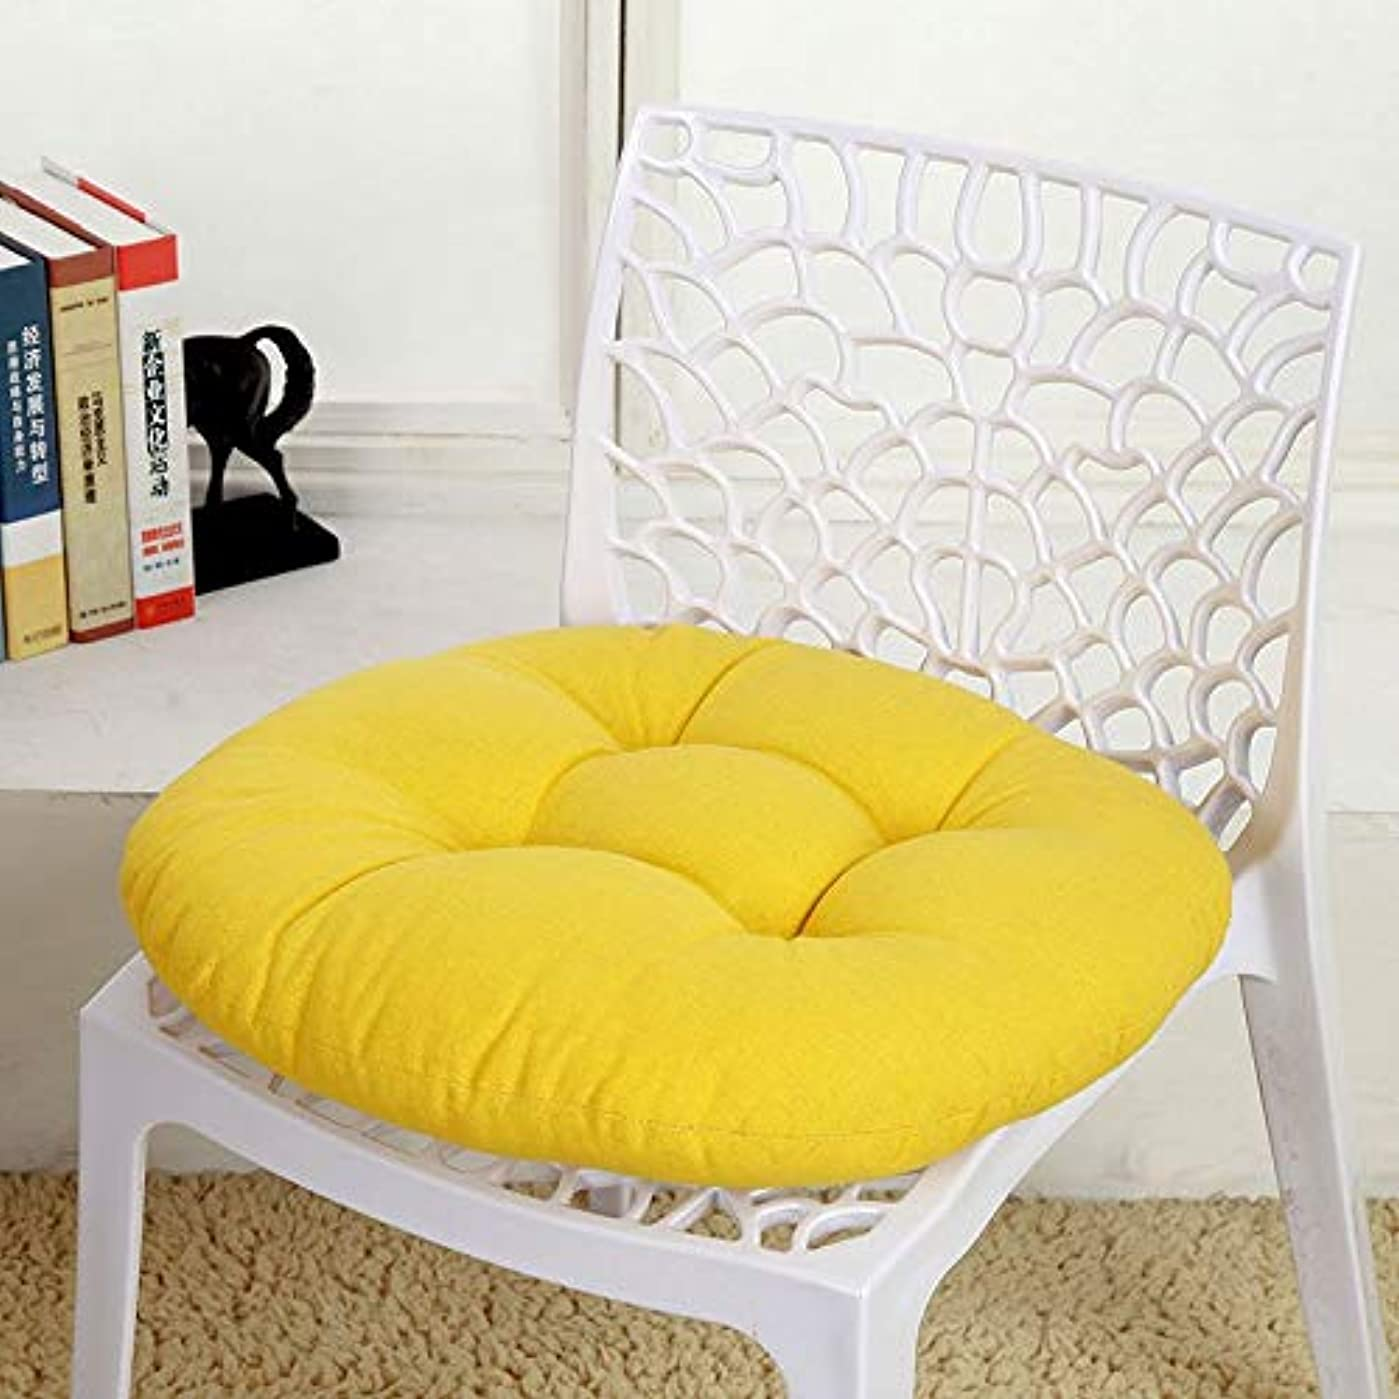 スケート強要第三LIFE キャンディカラーのクッションラウンドシートクッション波ウィンドウシートクッションクッション家の装飾パッドラウンド枕シート枕椅子座る枕 クッション 椅子